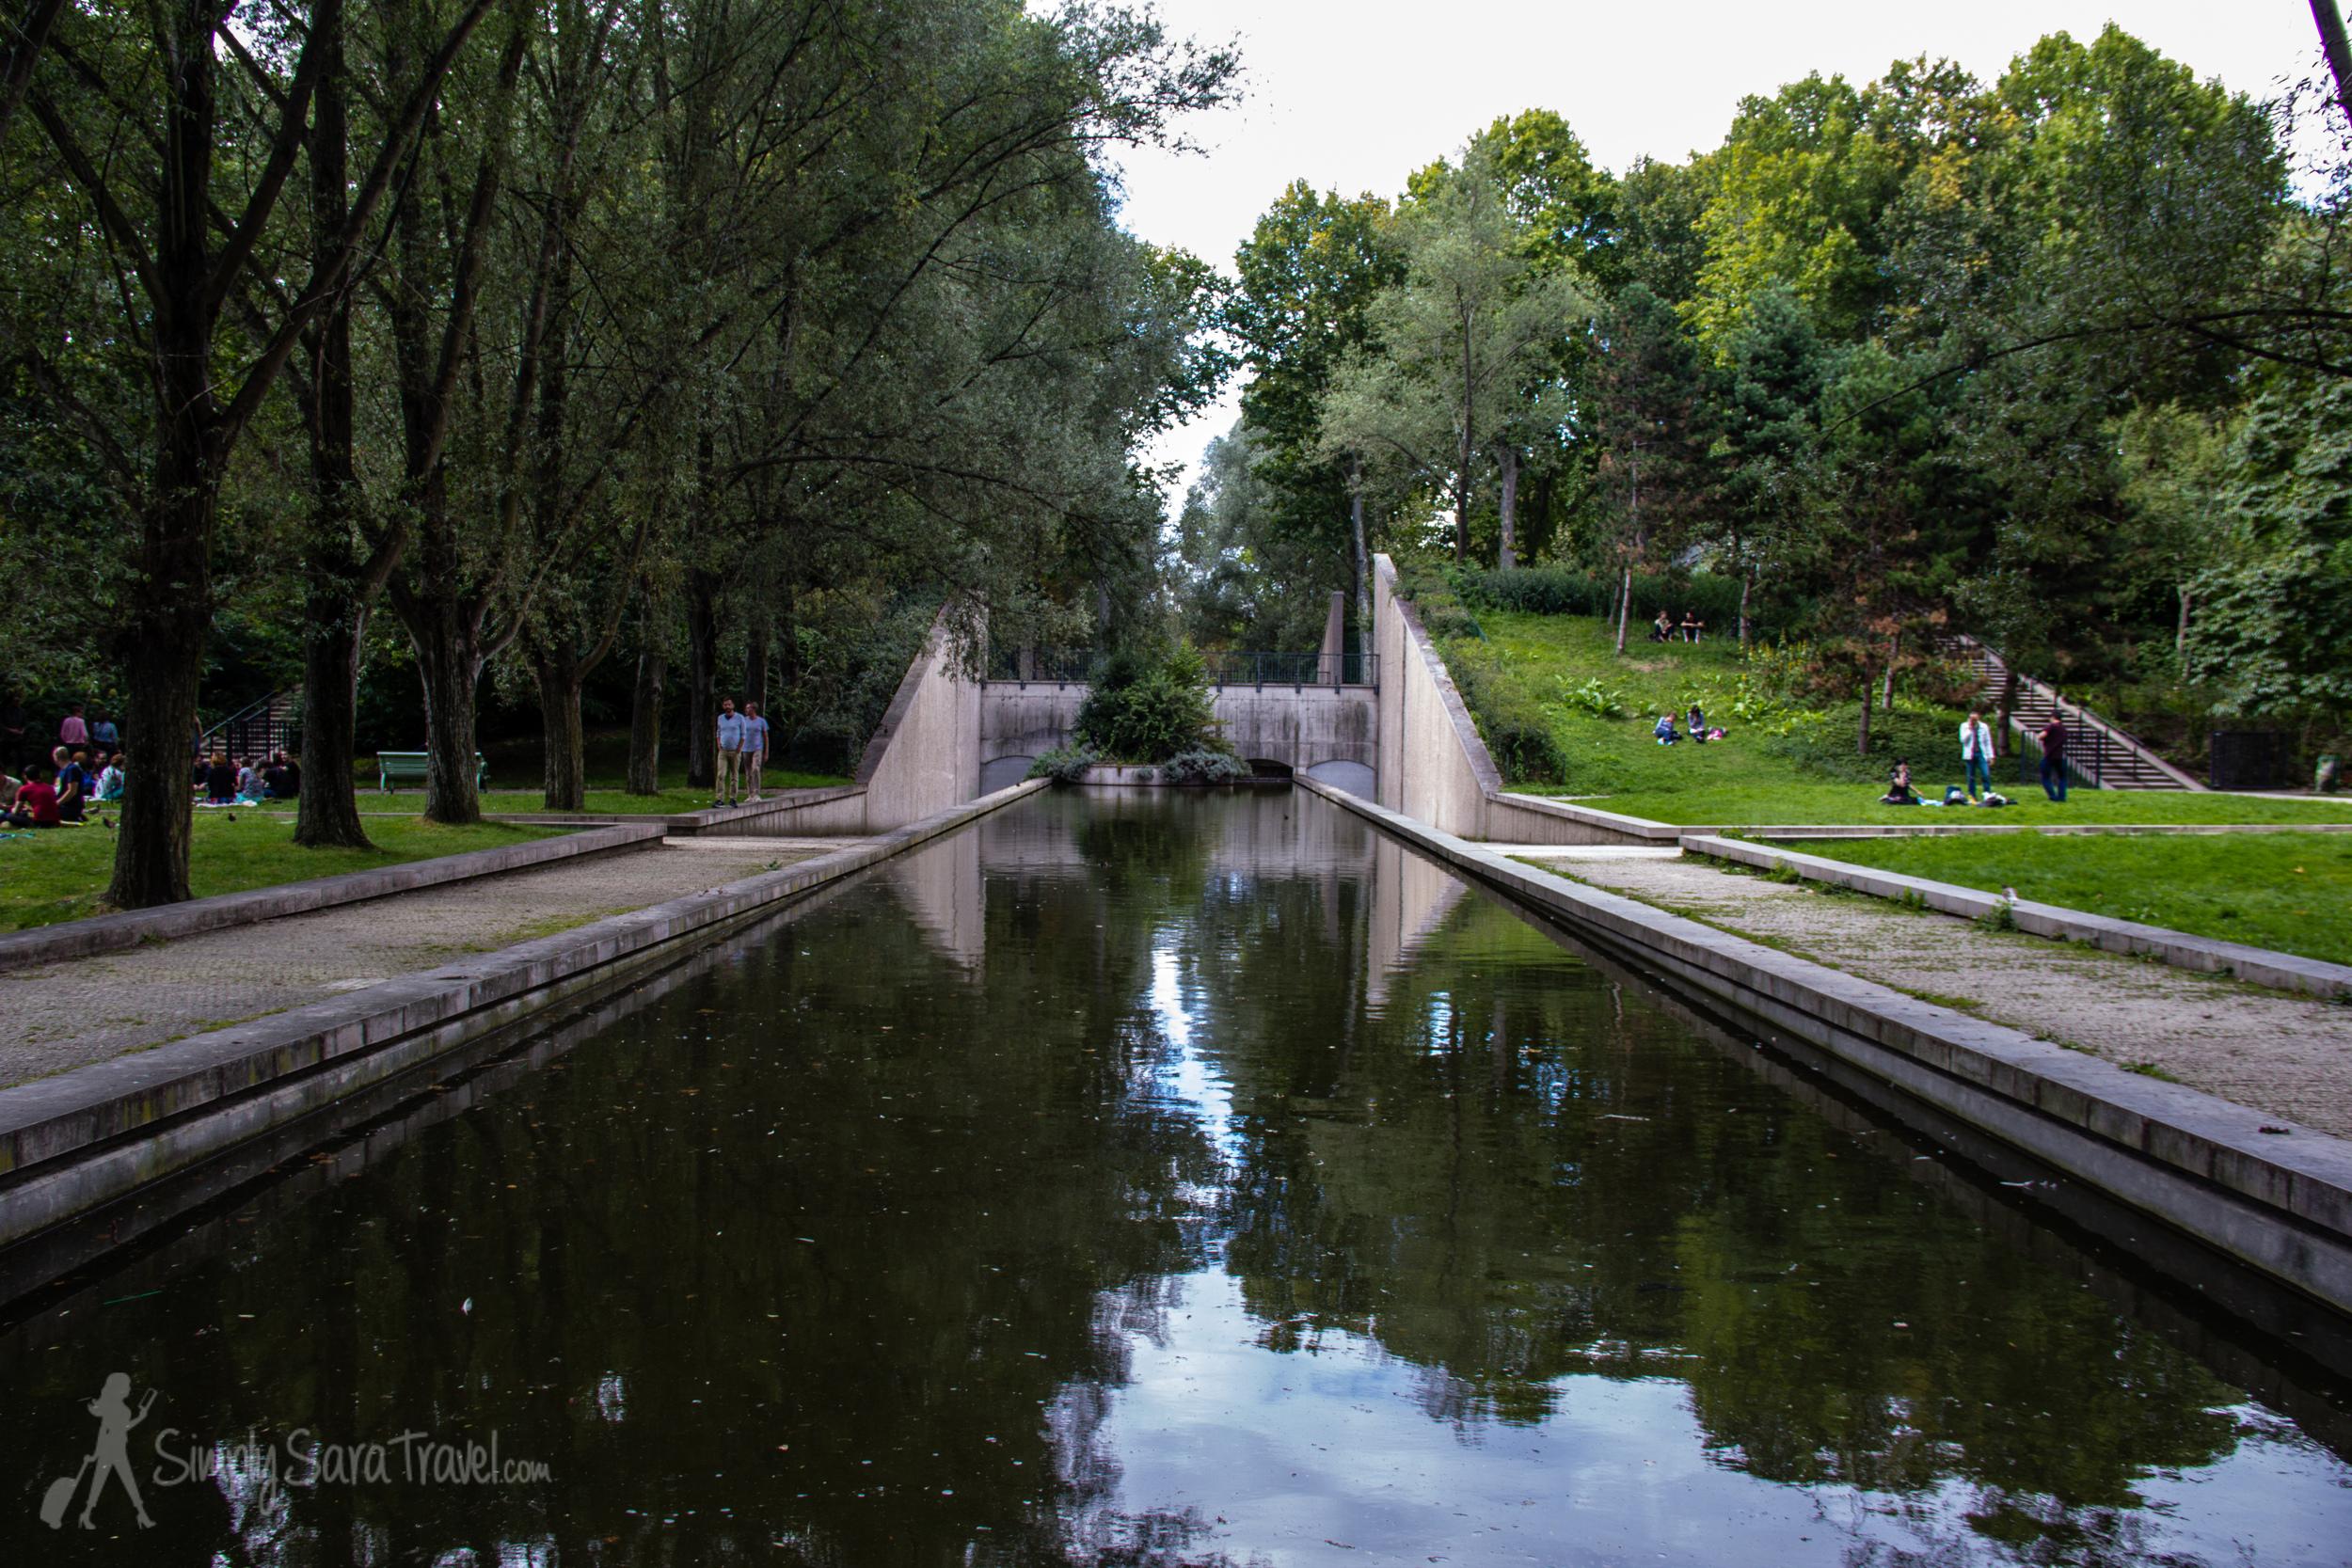 Waterway in Parc de Bercy